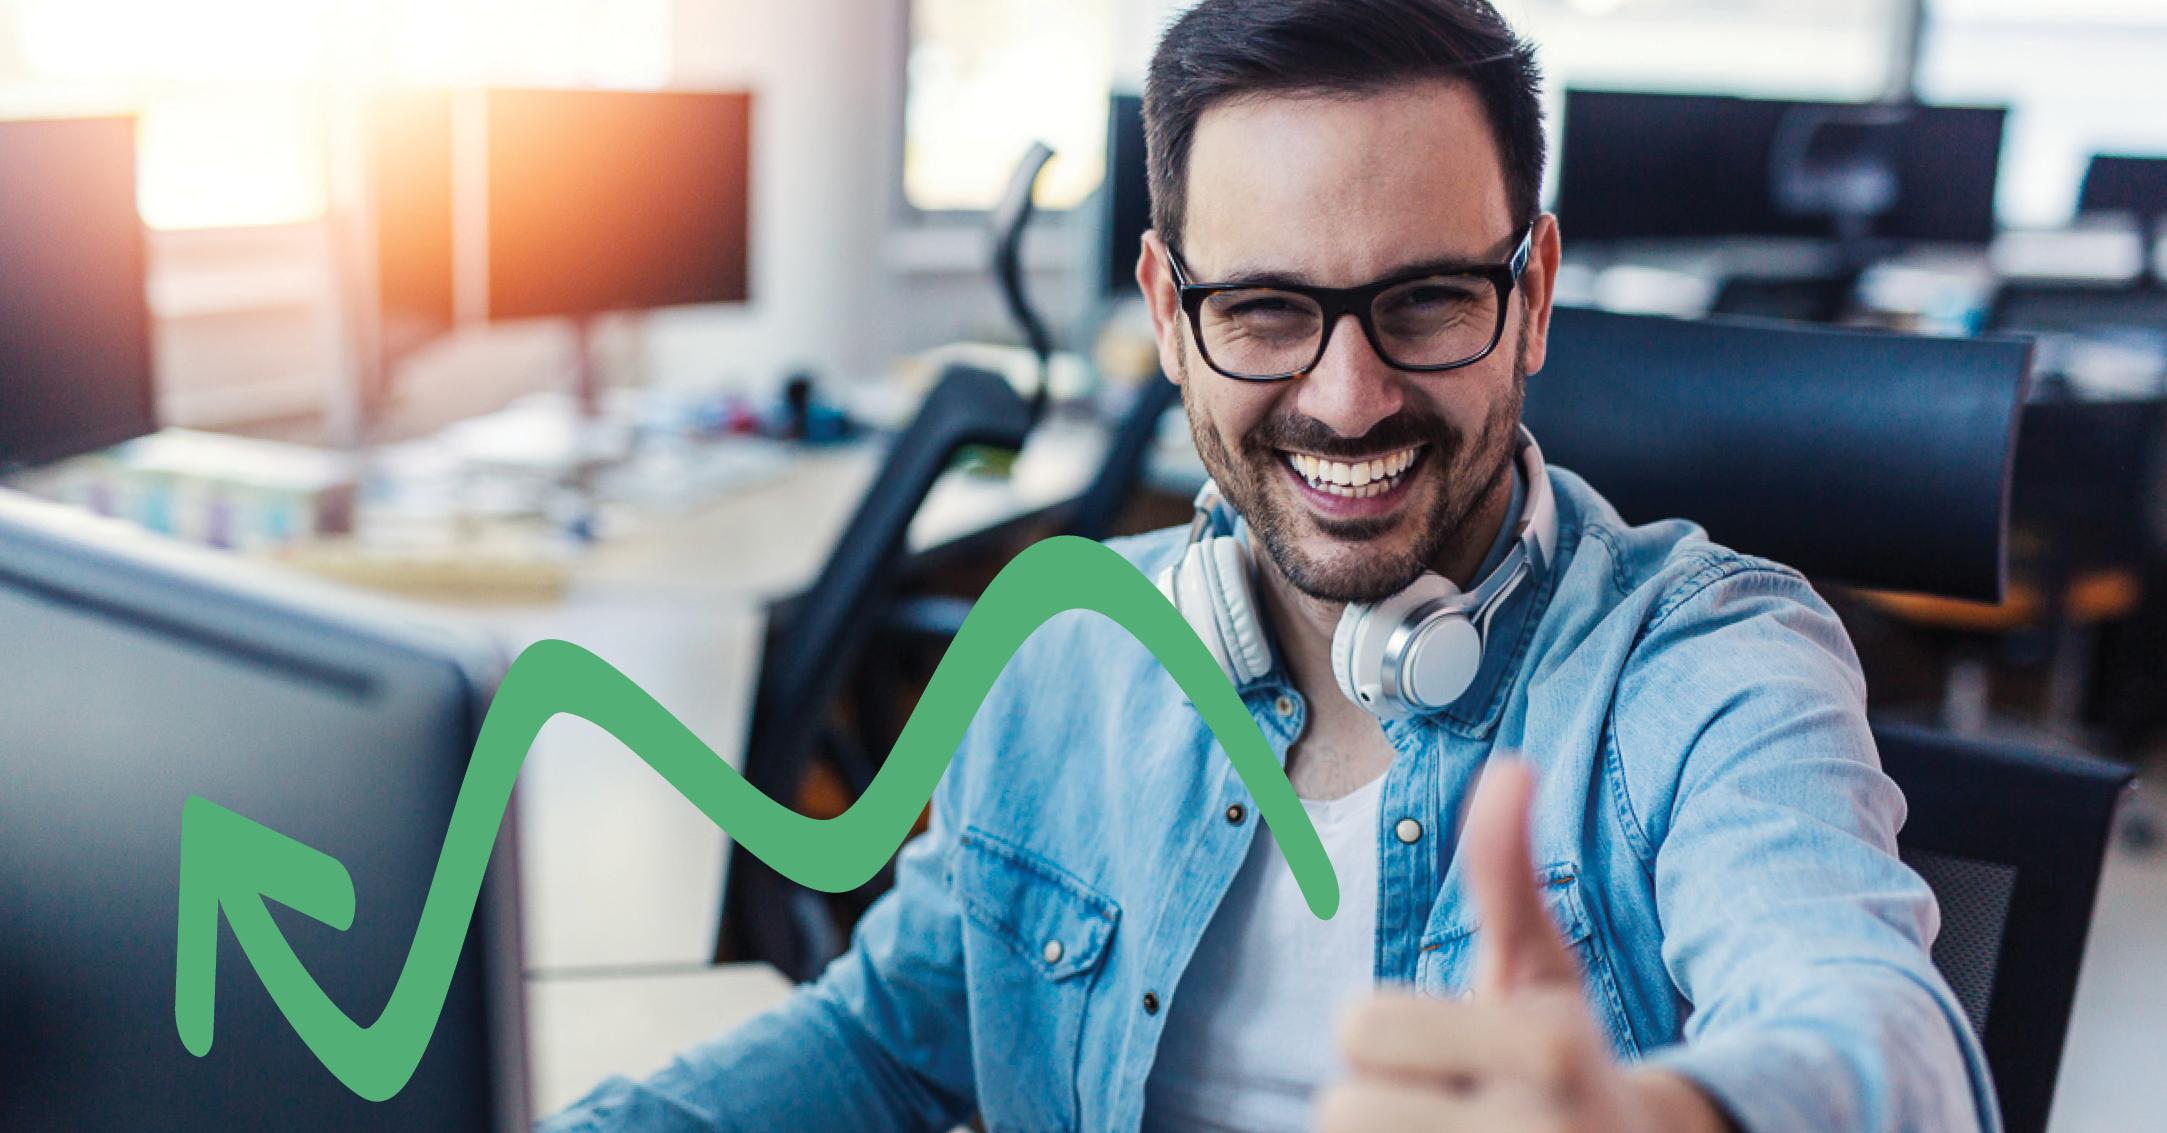 Ontdek de voordelen van geautomatiseerd debiteurenbeheer voor jou én je klanten